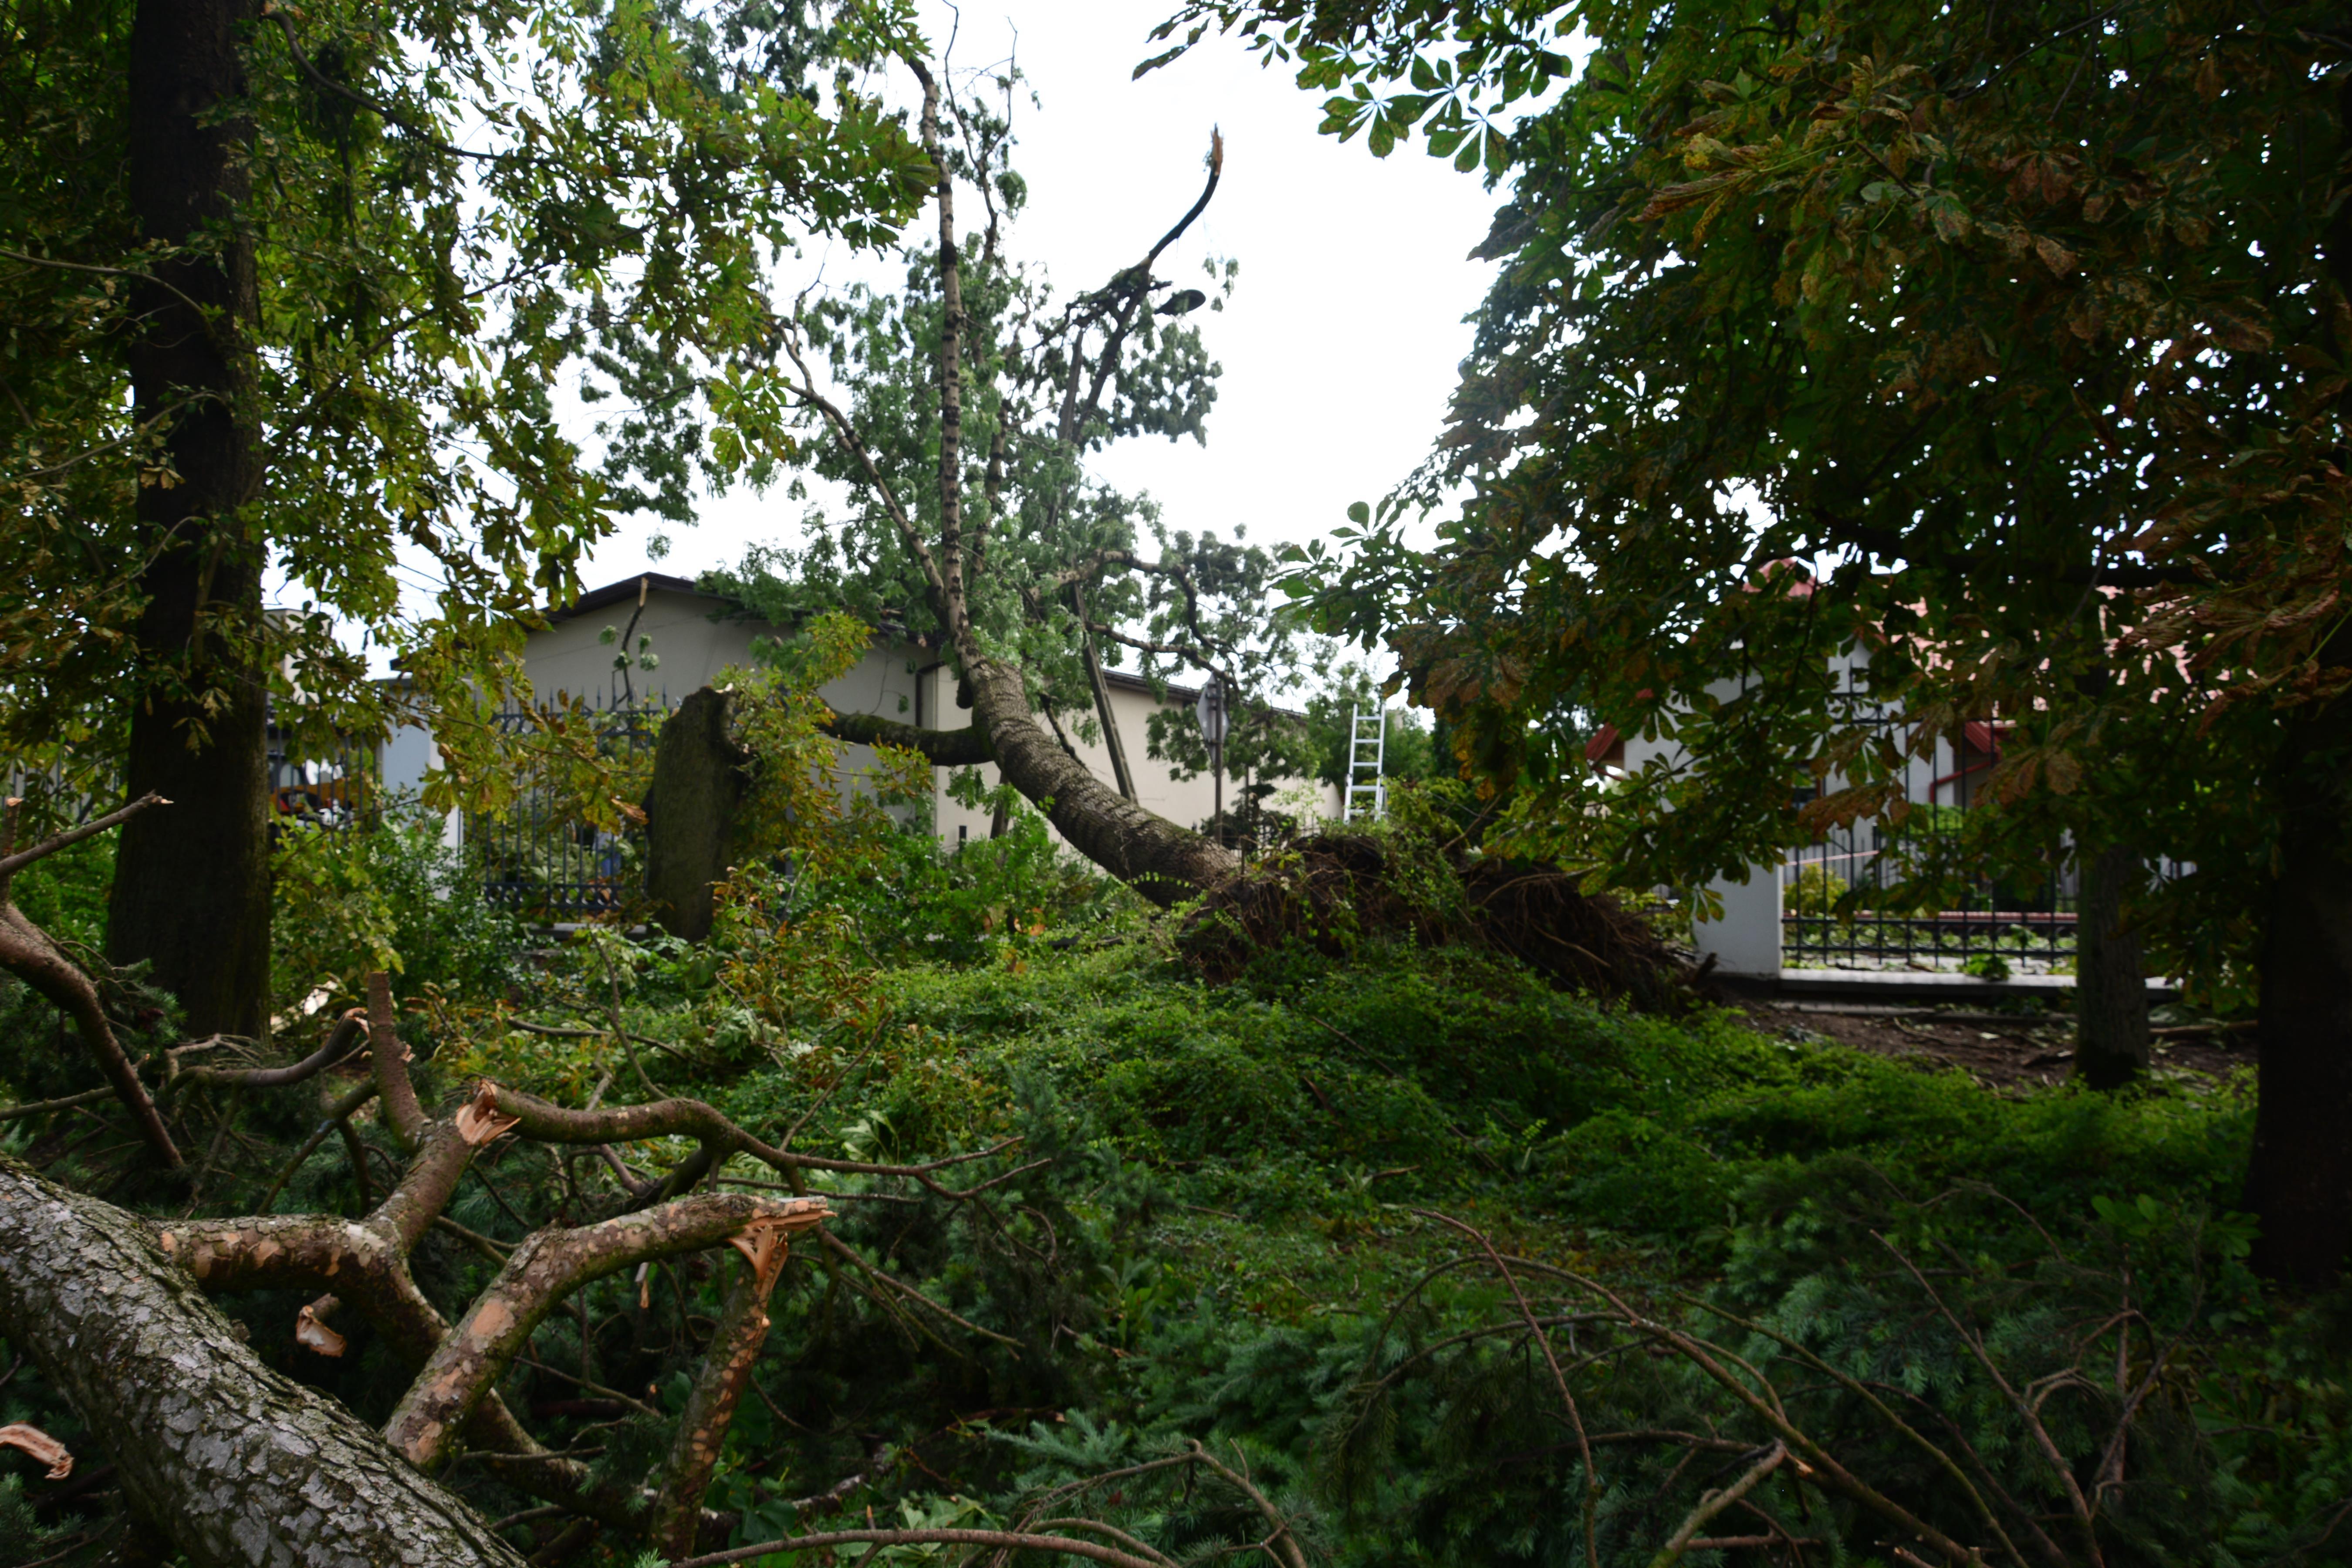 Zniszczenia w zespole pałacowym w Sannikach. Park zamknięty [ZDJĘCIA] - Zdjęcie główne